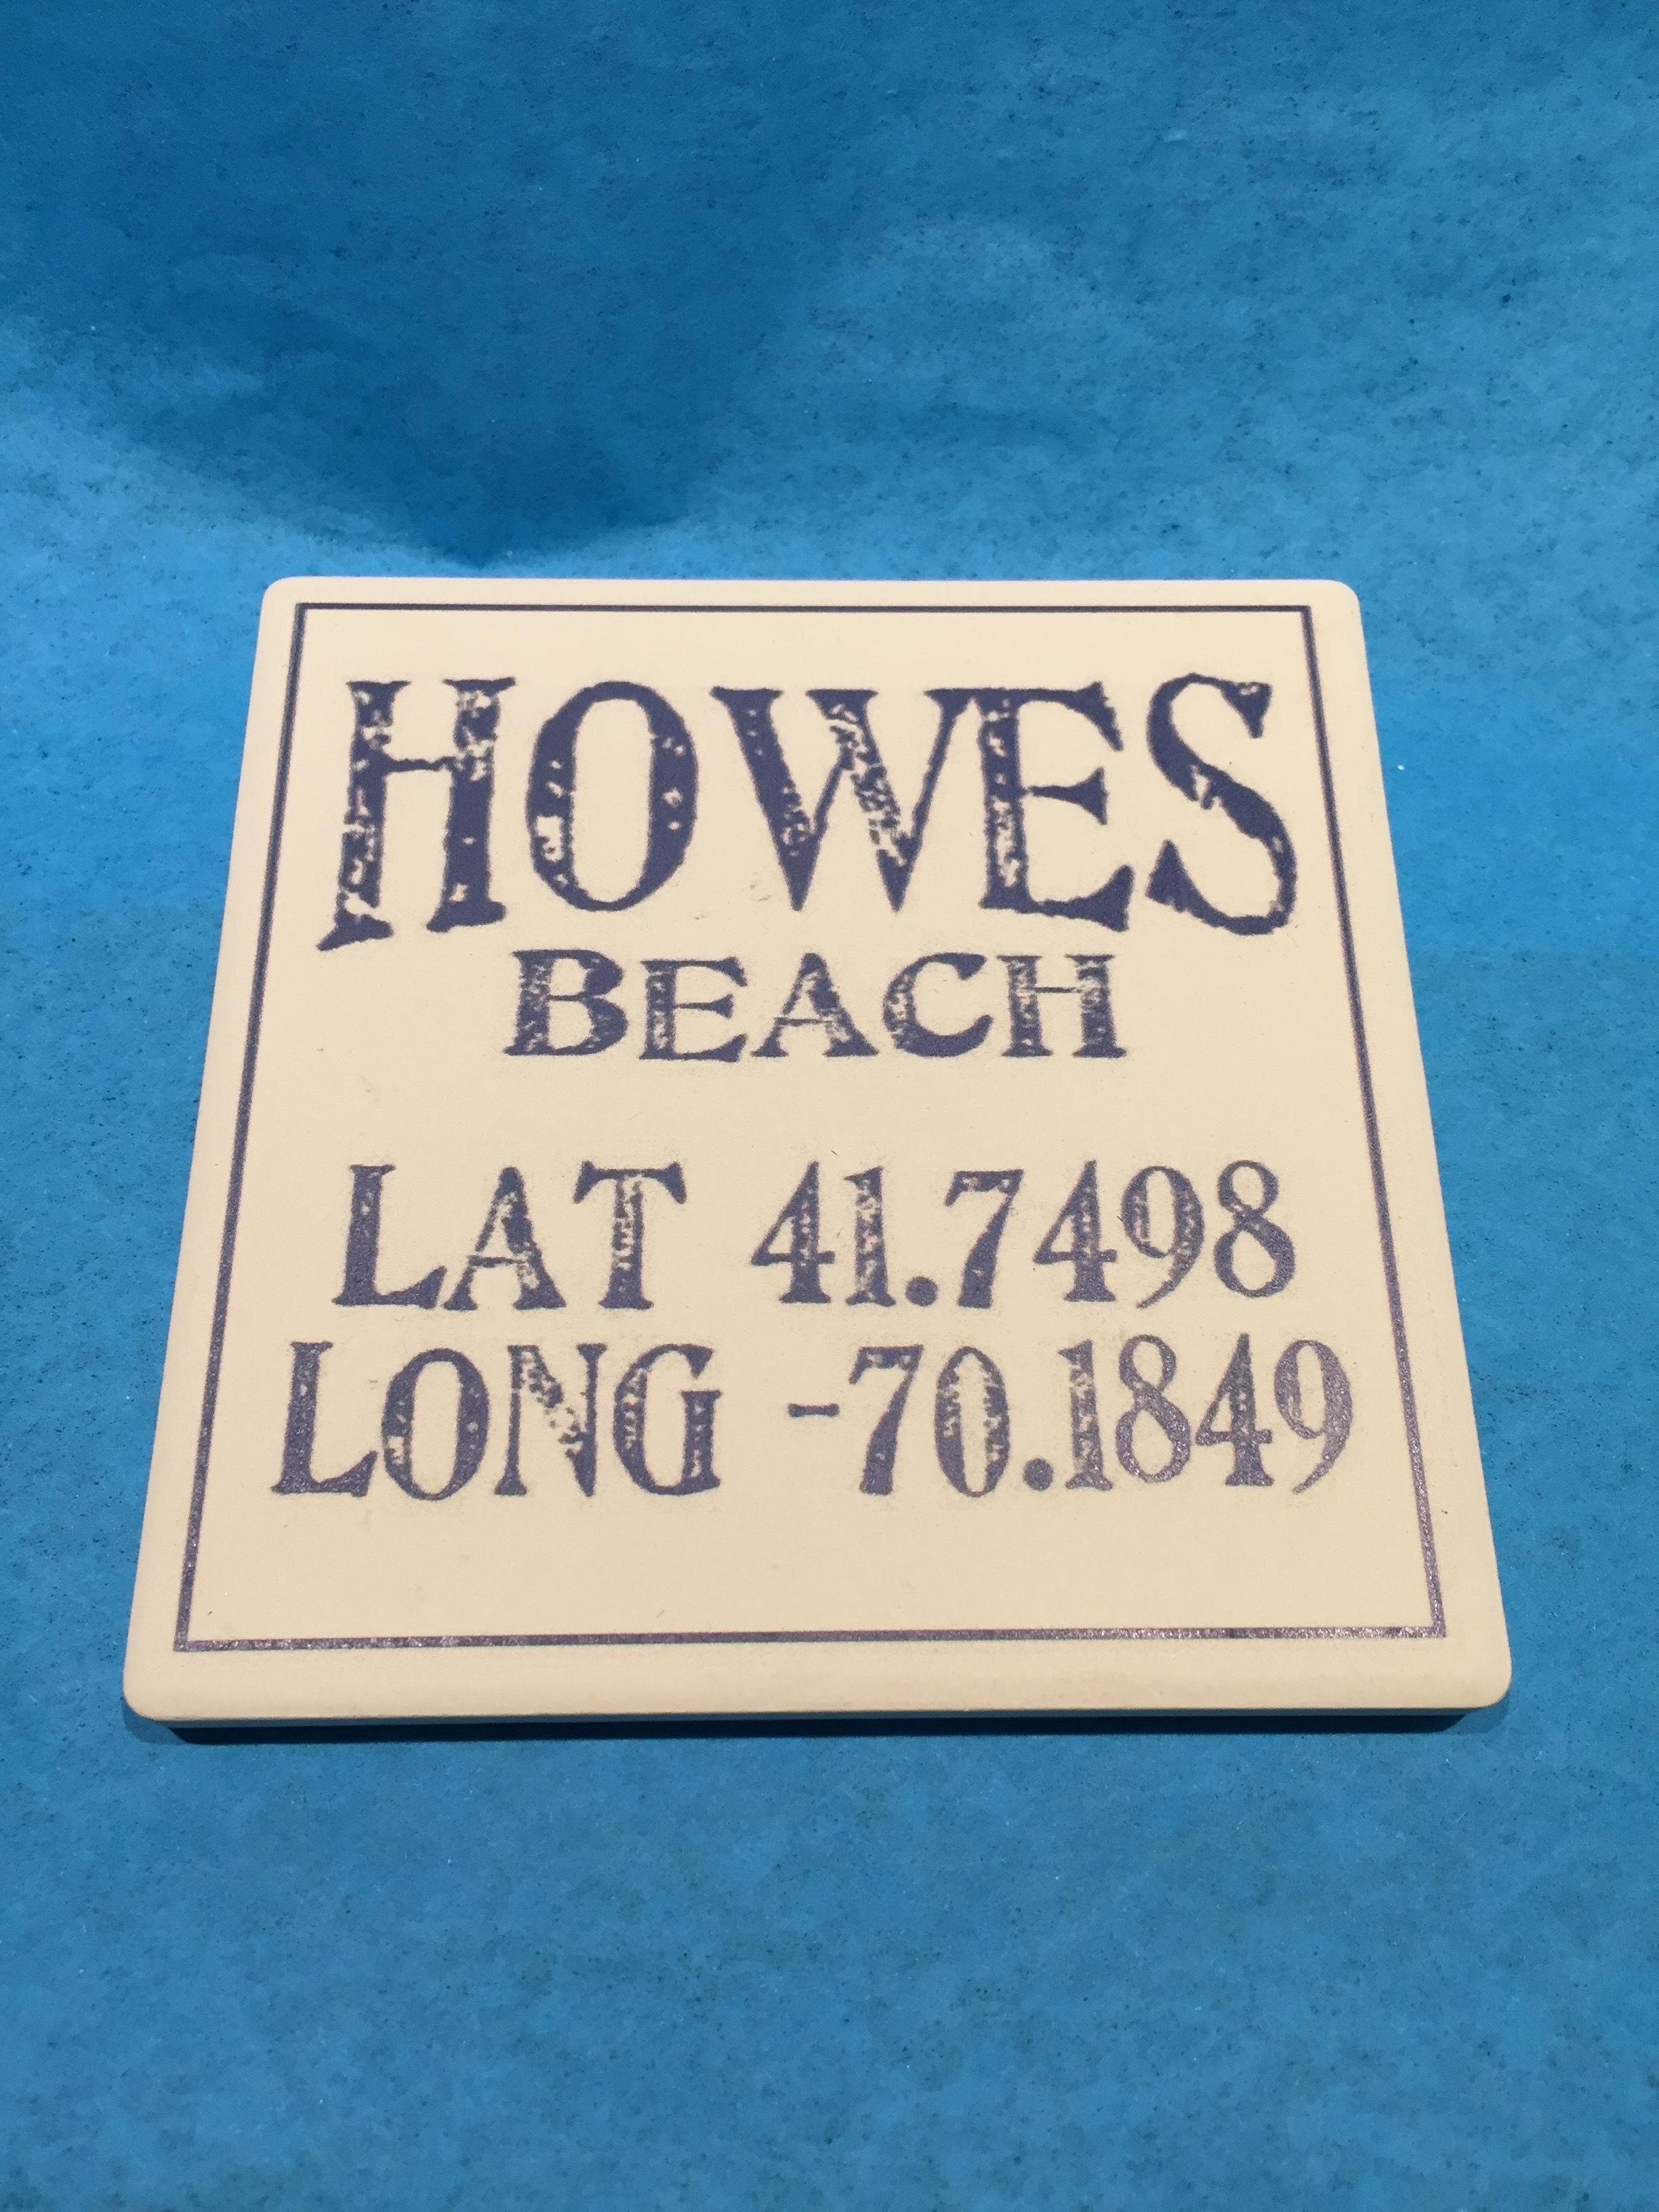 Howes Beach